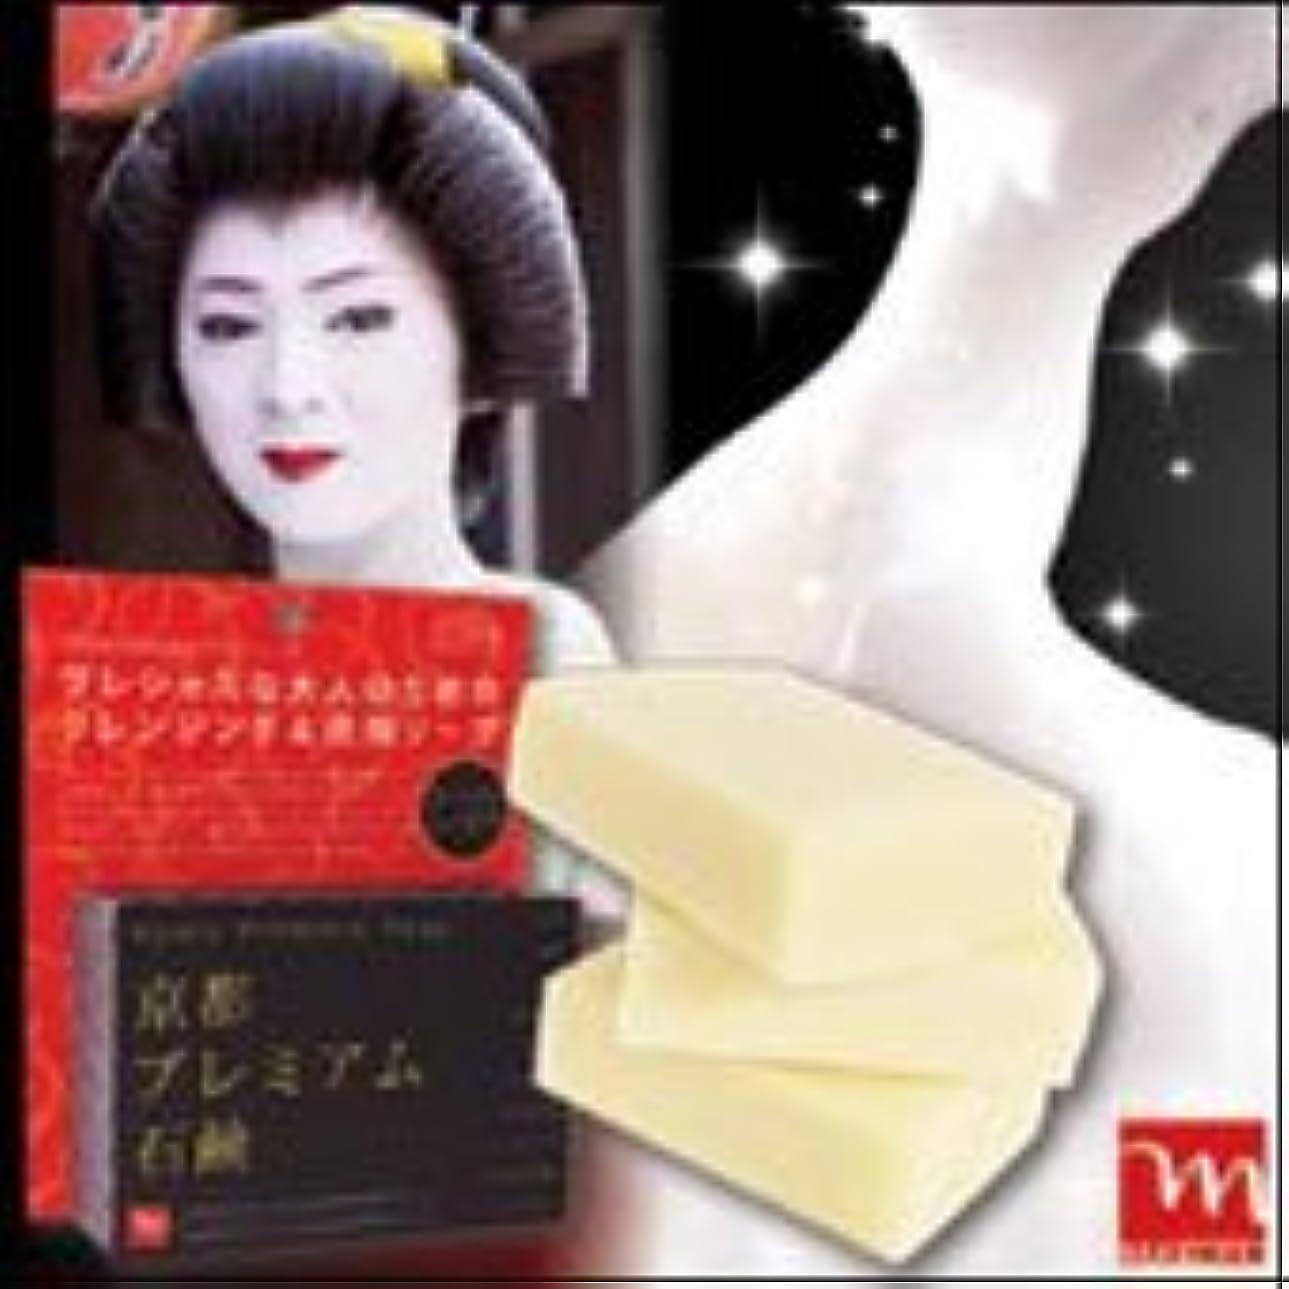 スピリチュアル剃る不毛の「京都プレミアム石鹸」【1個】